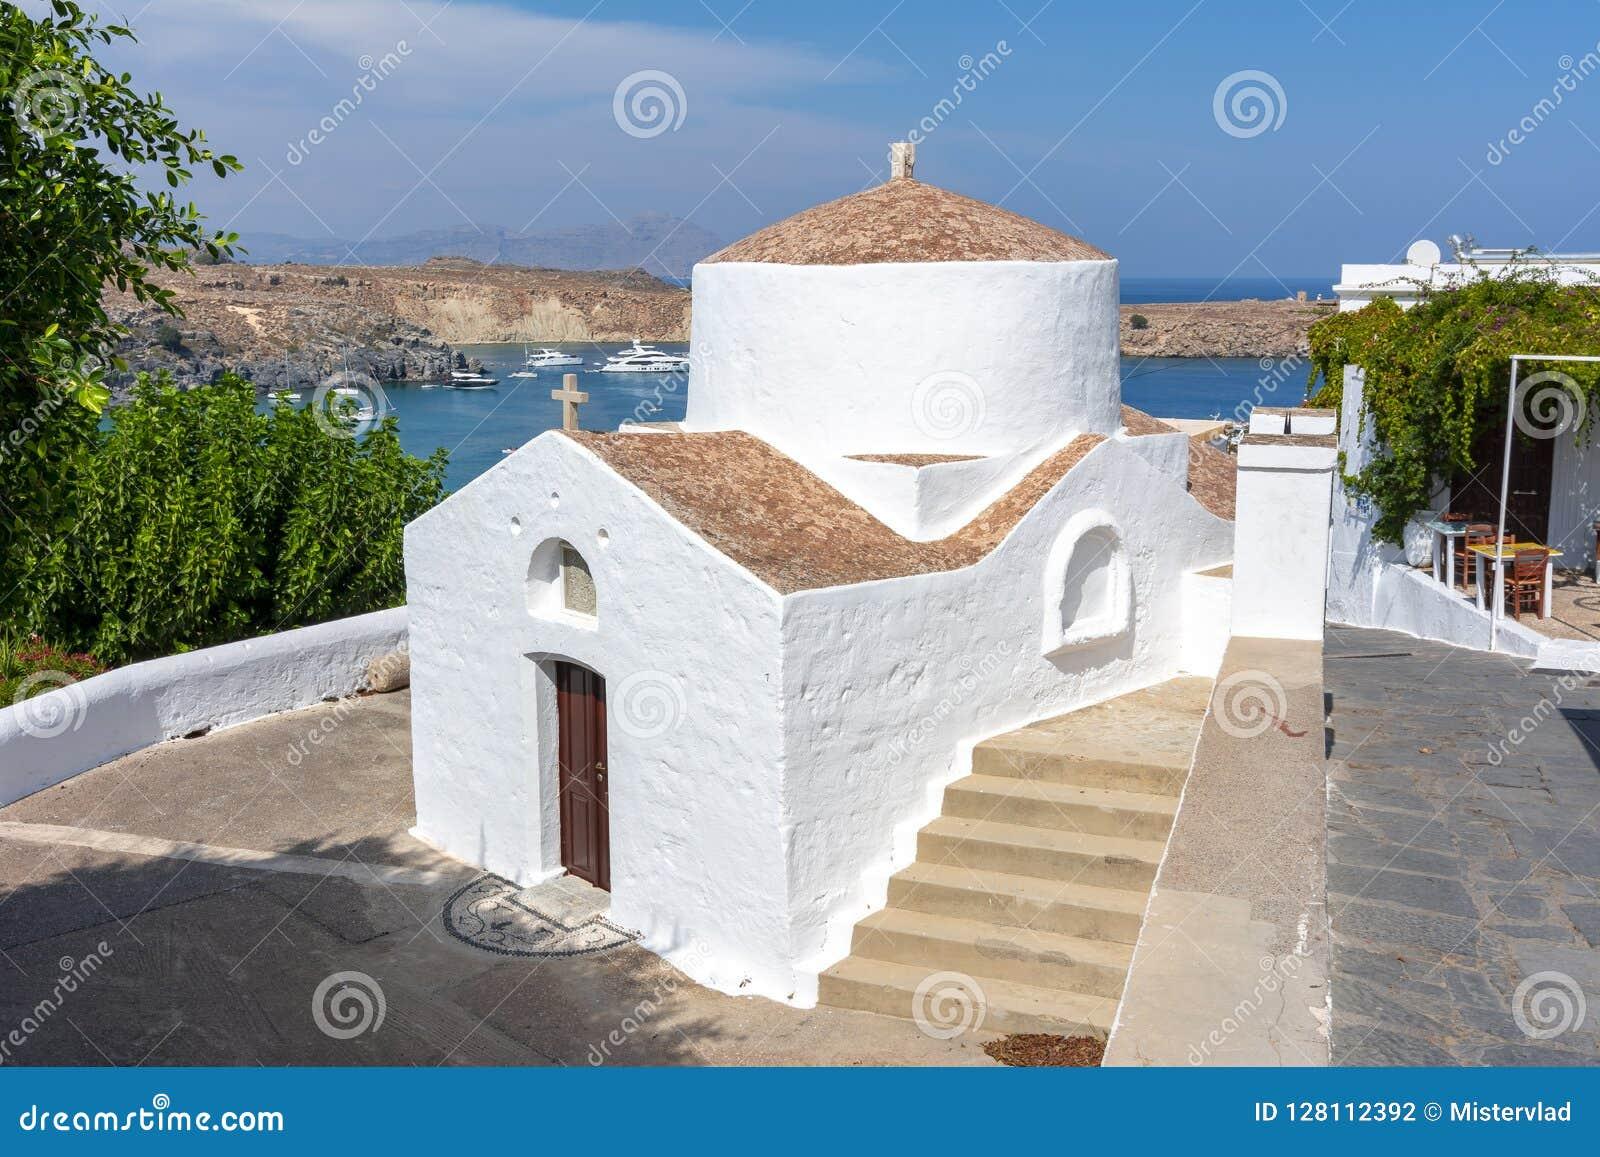 Igreja pequena em Lindos, ilha do Rodes, Grécia